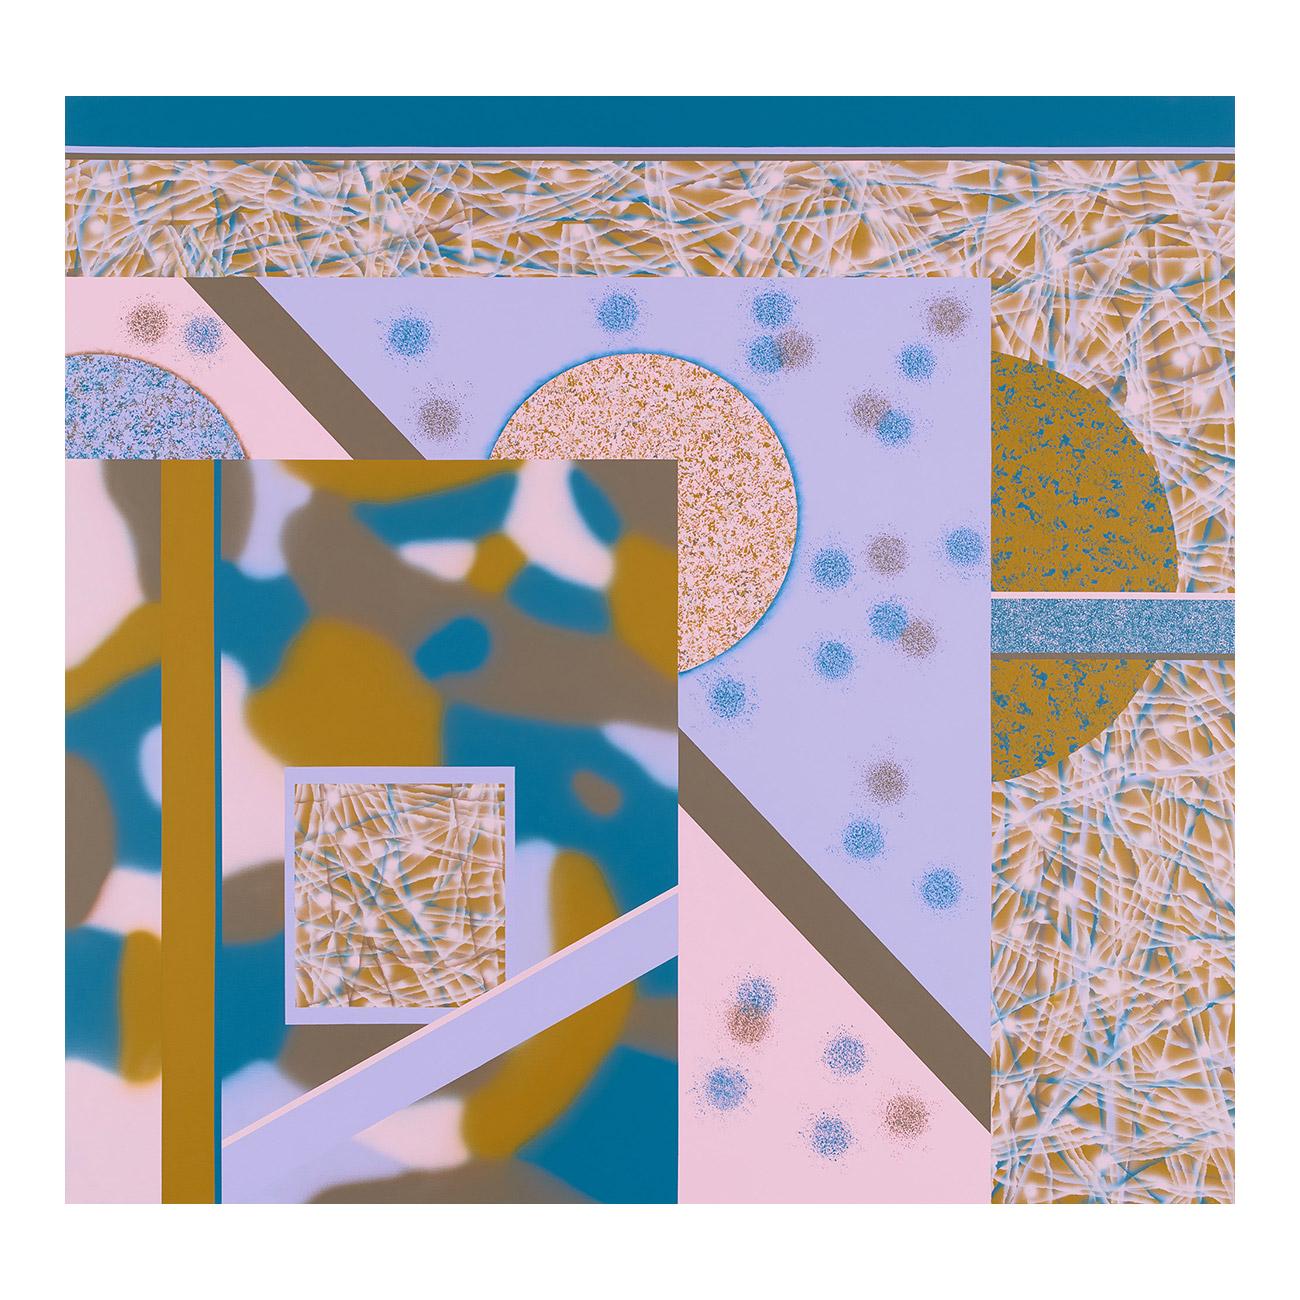 F . 2020 . 170 x 180 cm . Acryl auf Baumwolle